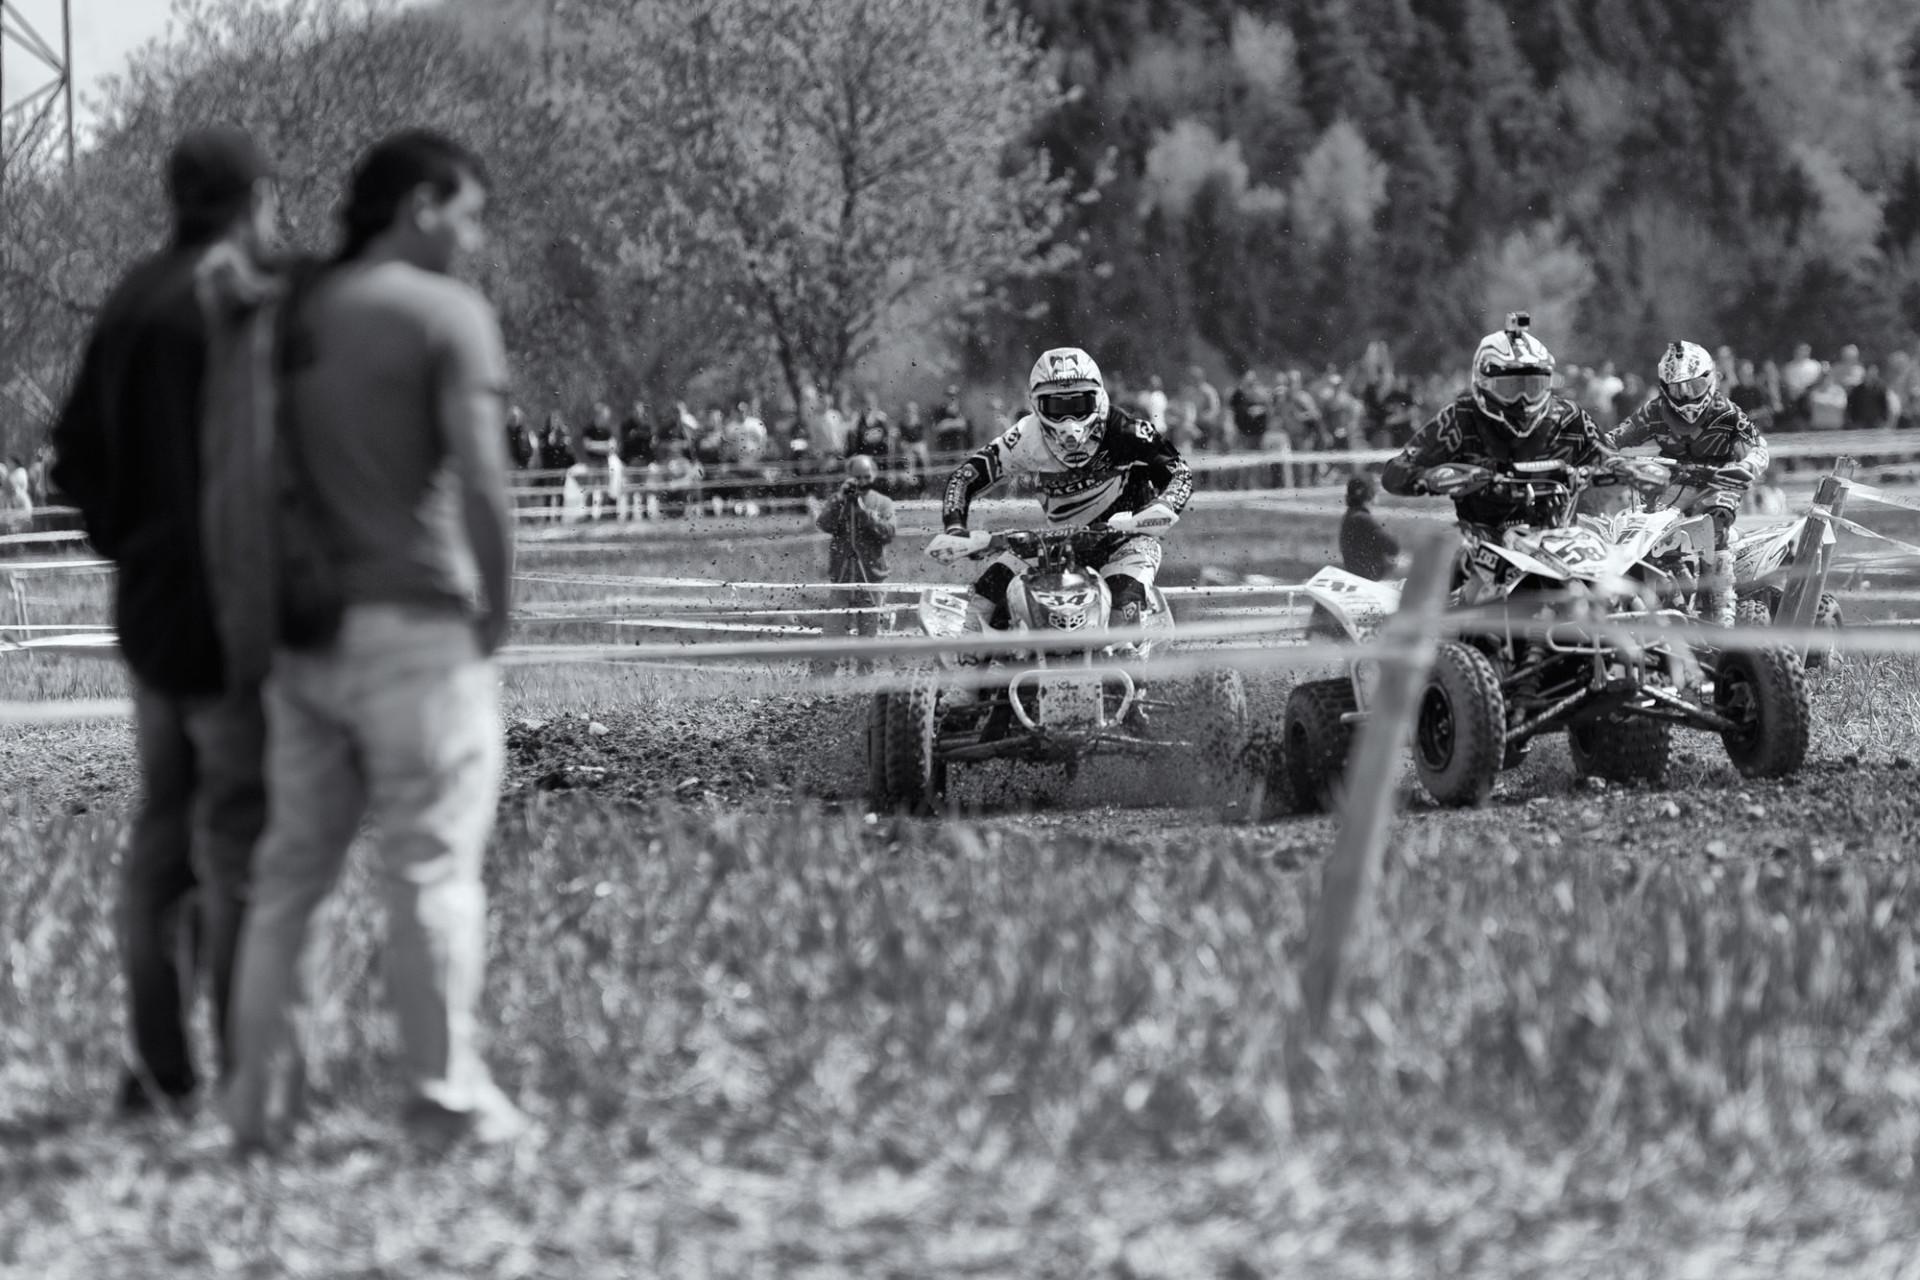 Motocross-Schlatt_20150426_1719-web